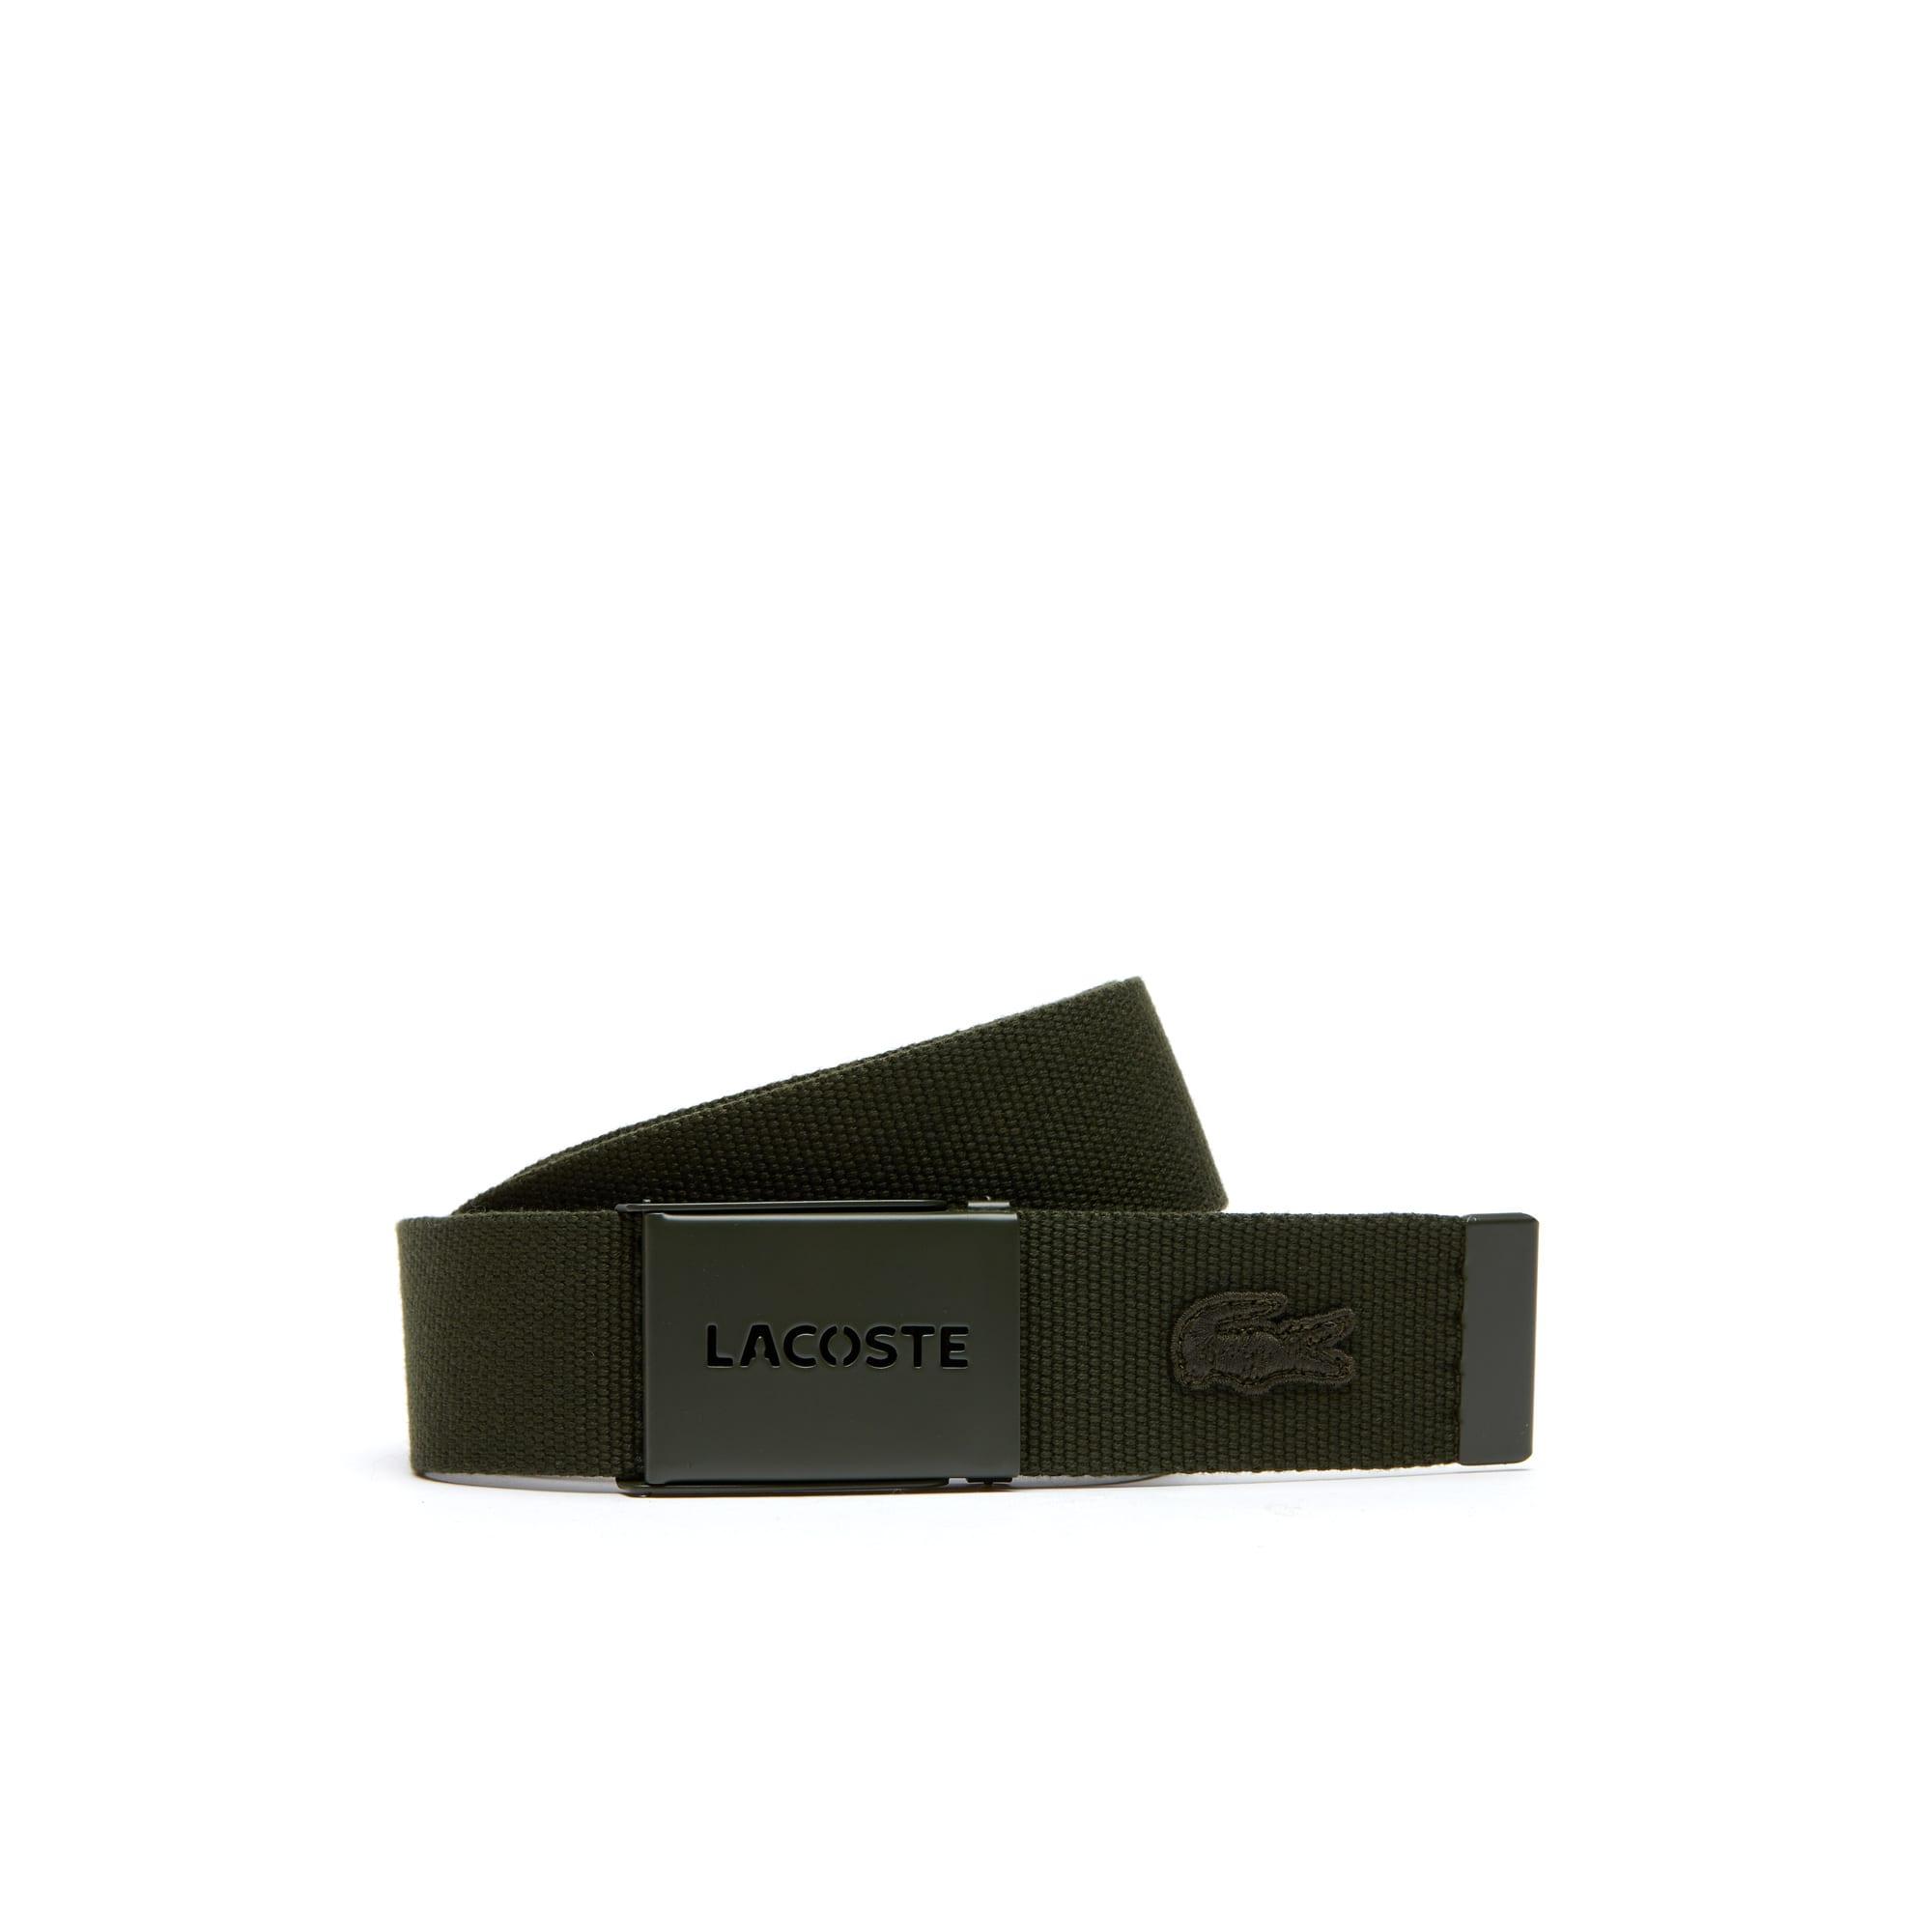 Coffret cadeau avec ceinture en toile plaque monochrome perforée Lacoste